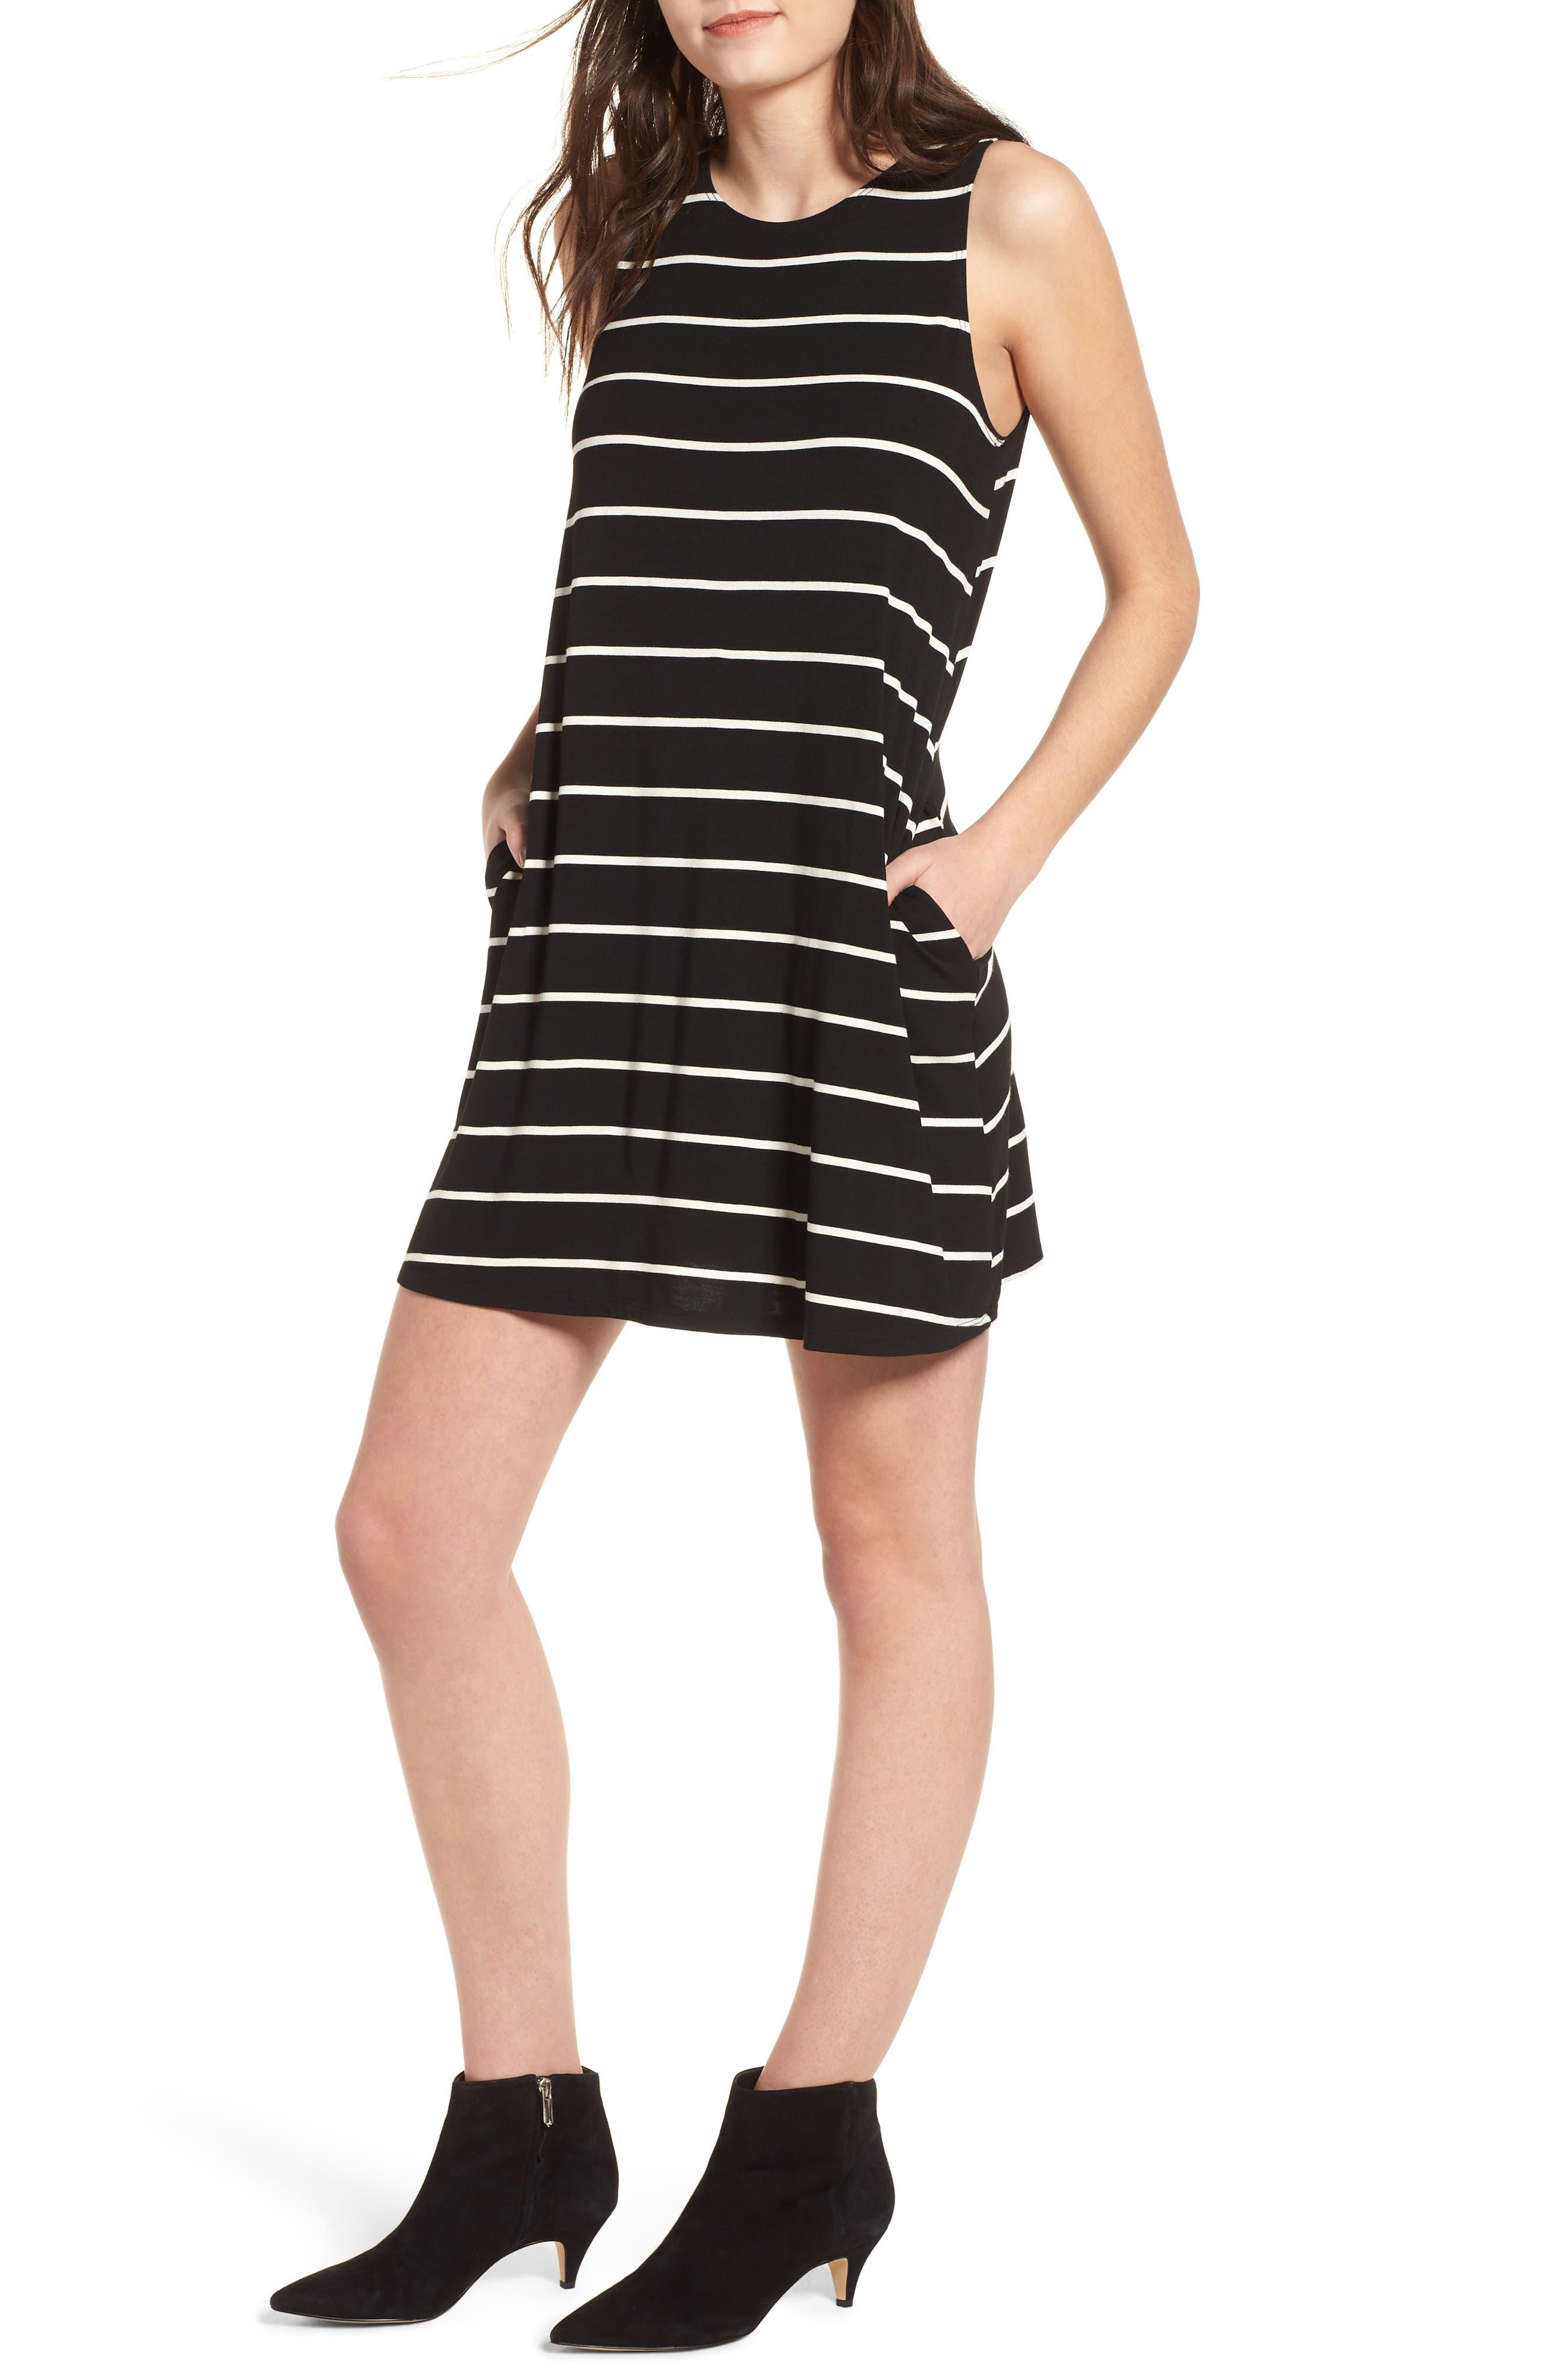 Pocket Tank Dress,                             Main thumbnail 1, color,                             BLACK/ WHITE STRIPE